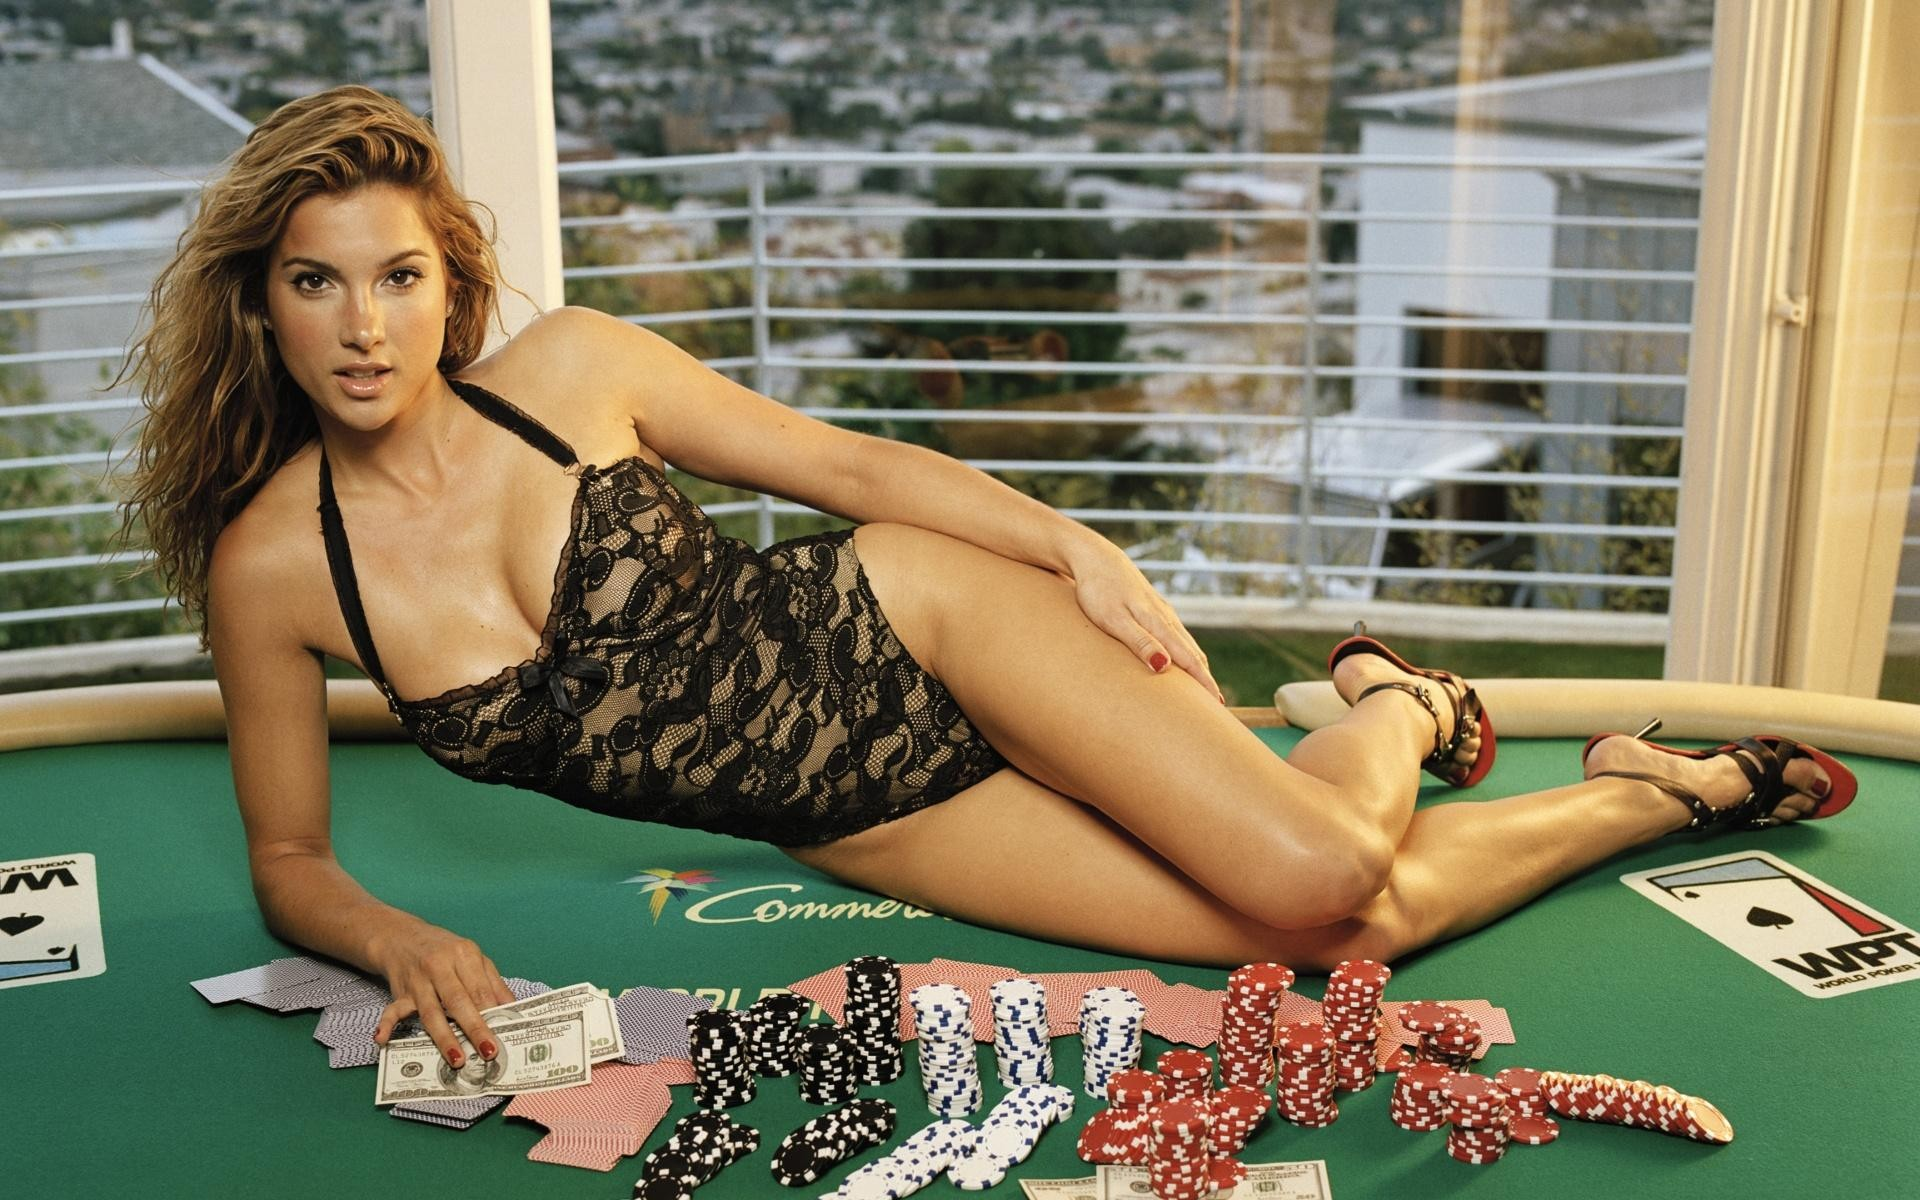 Hasil gambar untuk poker girl wallpaper